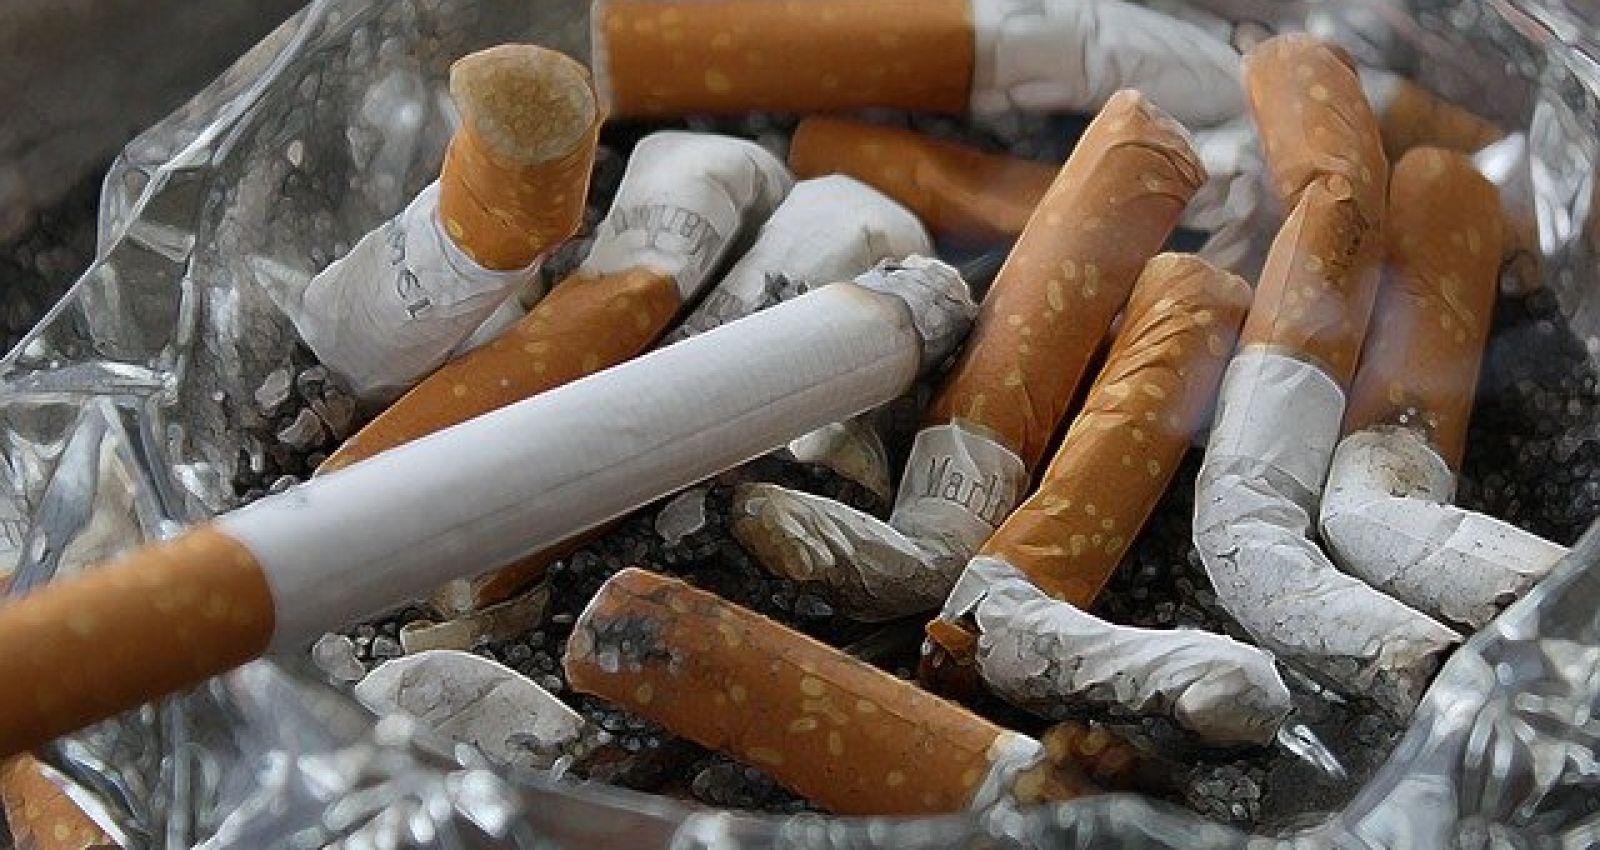 Доля нелегальных сигарет в Алтайском крае почти в два раза превысила средний уровень по стране